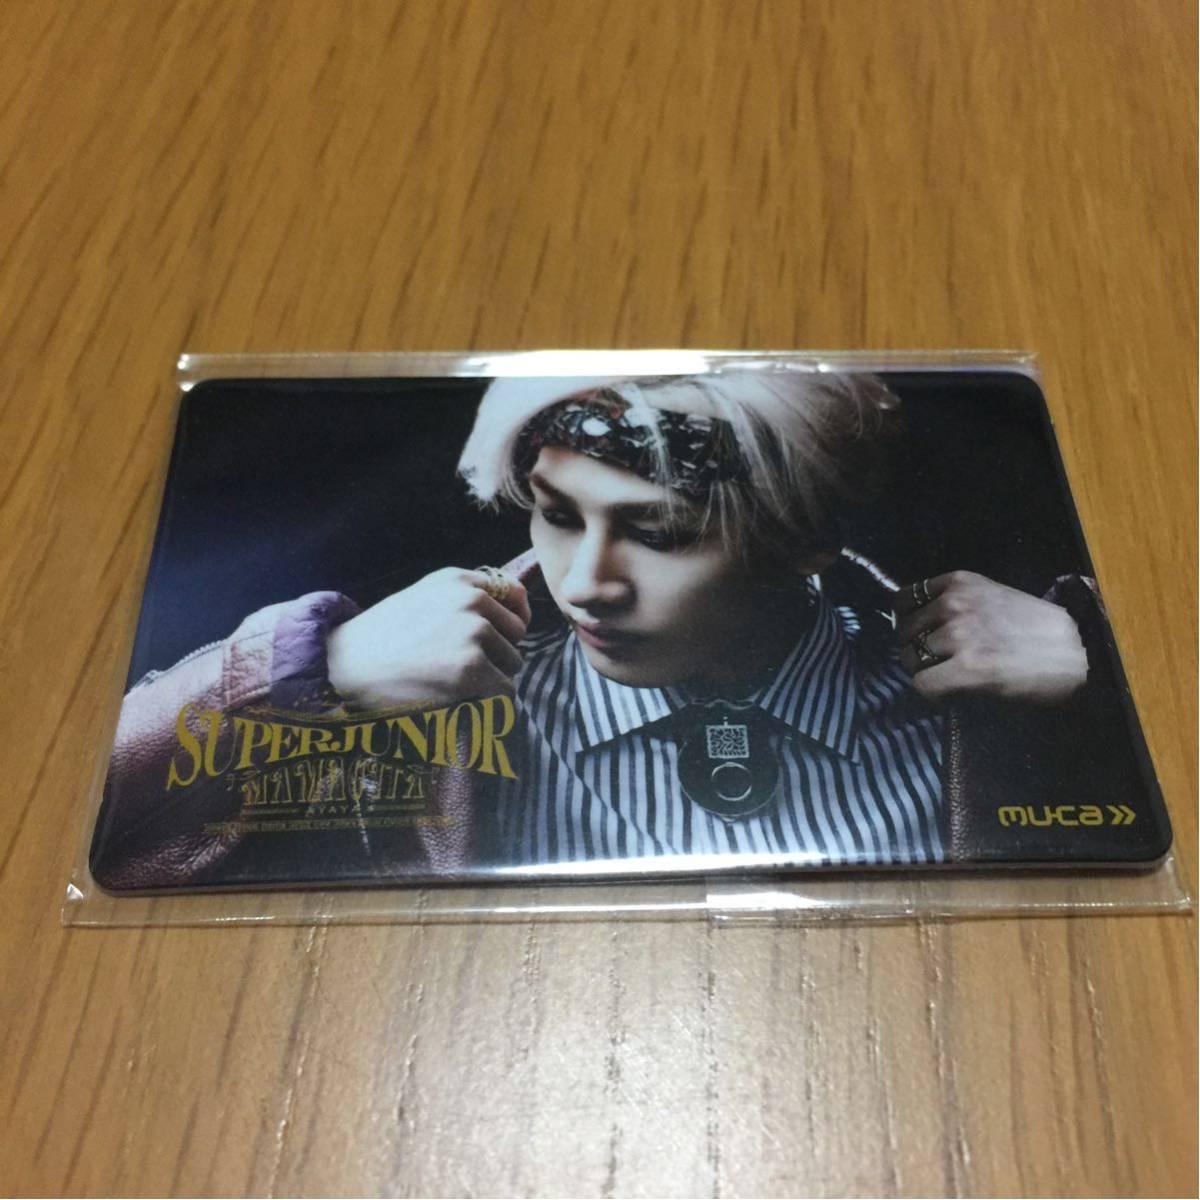 【数量限定商品】SUPER JUNIOR 「MAMACITA-AYAYA- 」ミュージックカード盤 ウニョク